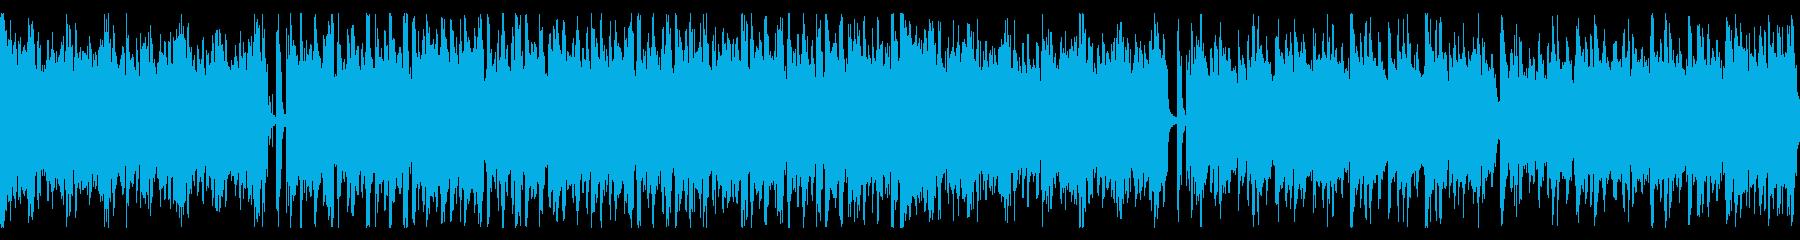 宇宙をイメージした力強いデジタルサウンドの再生済みの波形